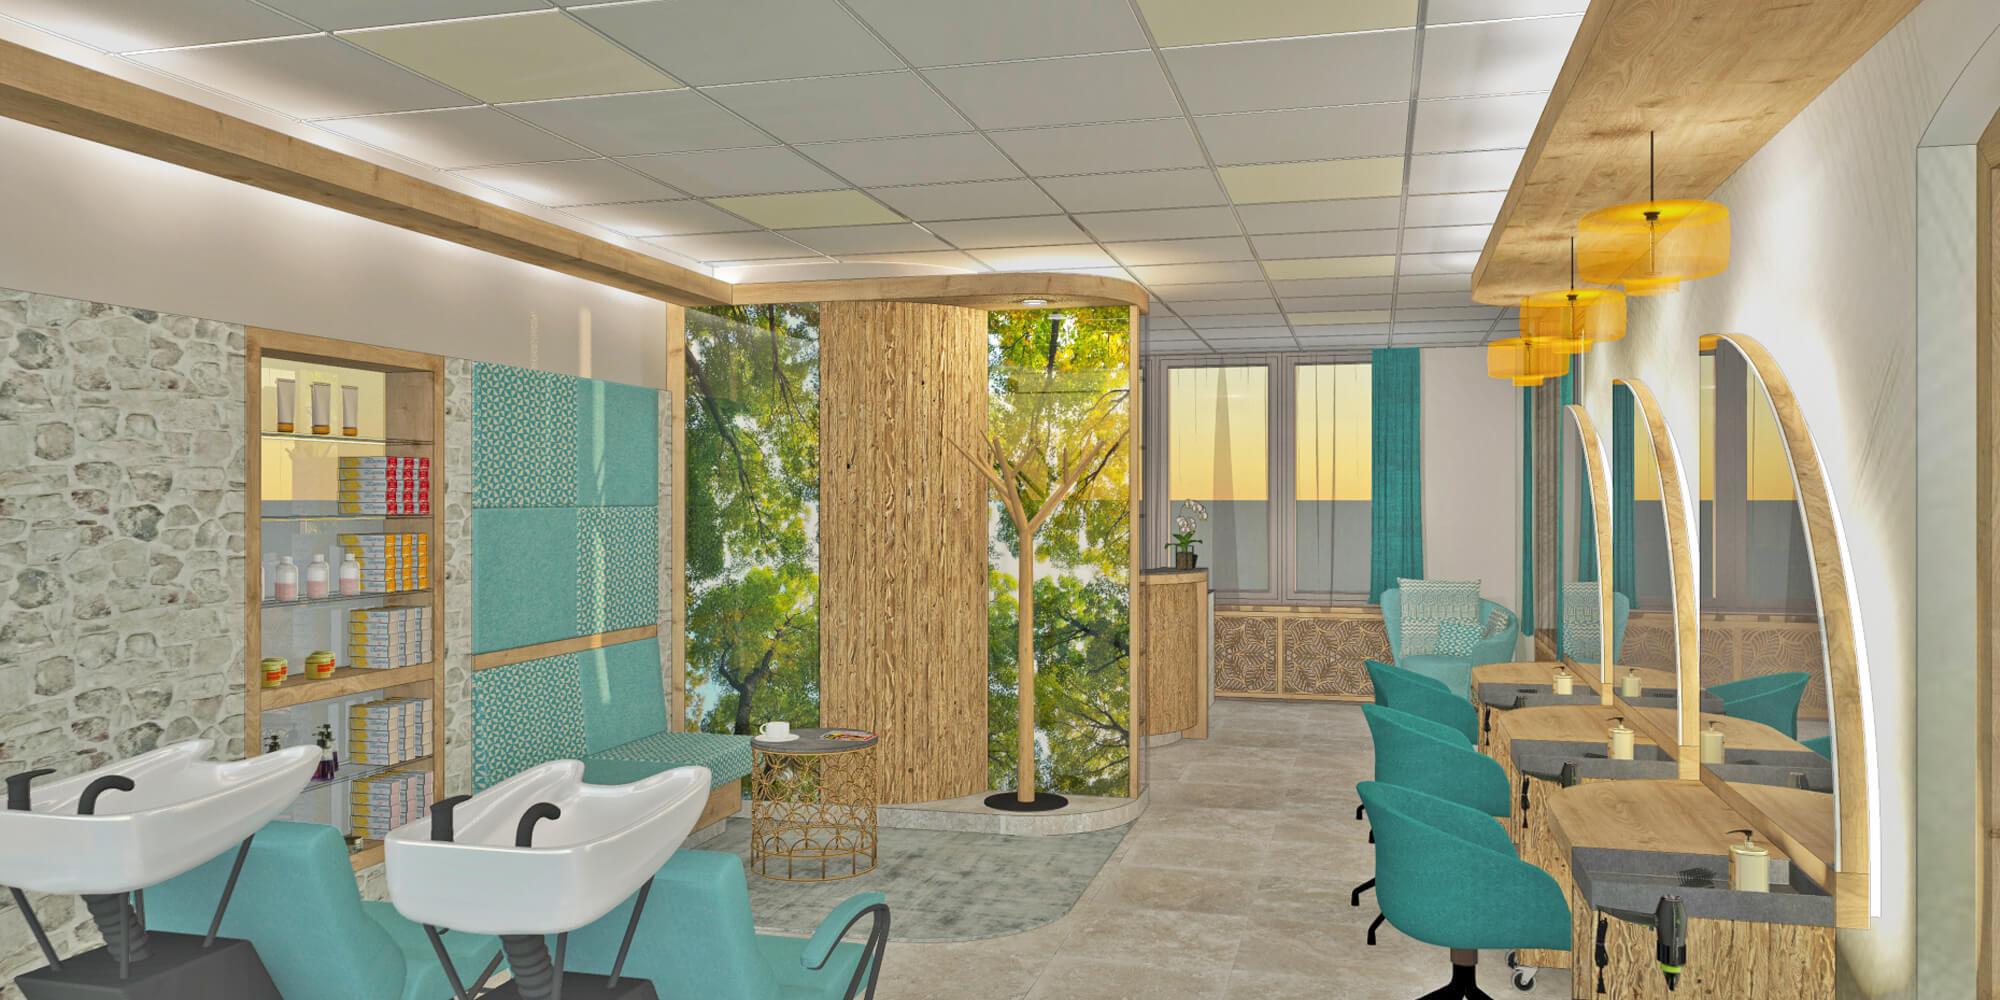 Crea-Plan-Design-Rauch-Frühmann-Architektur-Innenarchitektur-Design-Projekt-Referenz-Hotelerie-Gastronomie-Hotel-Bergknappenhof-Friseur